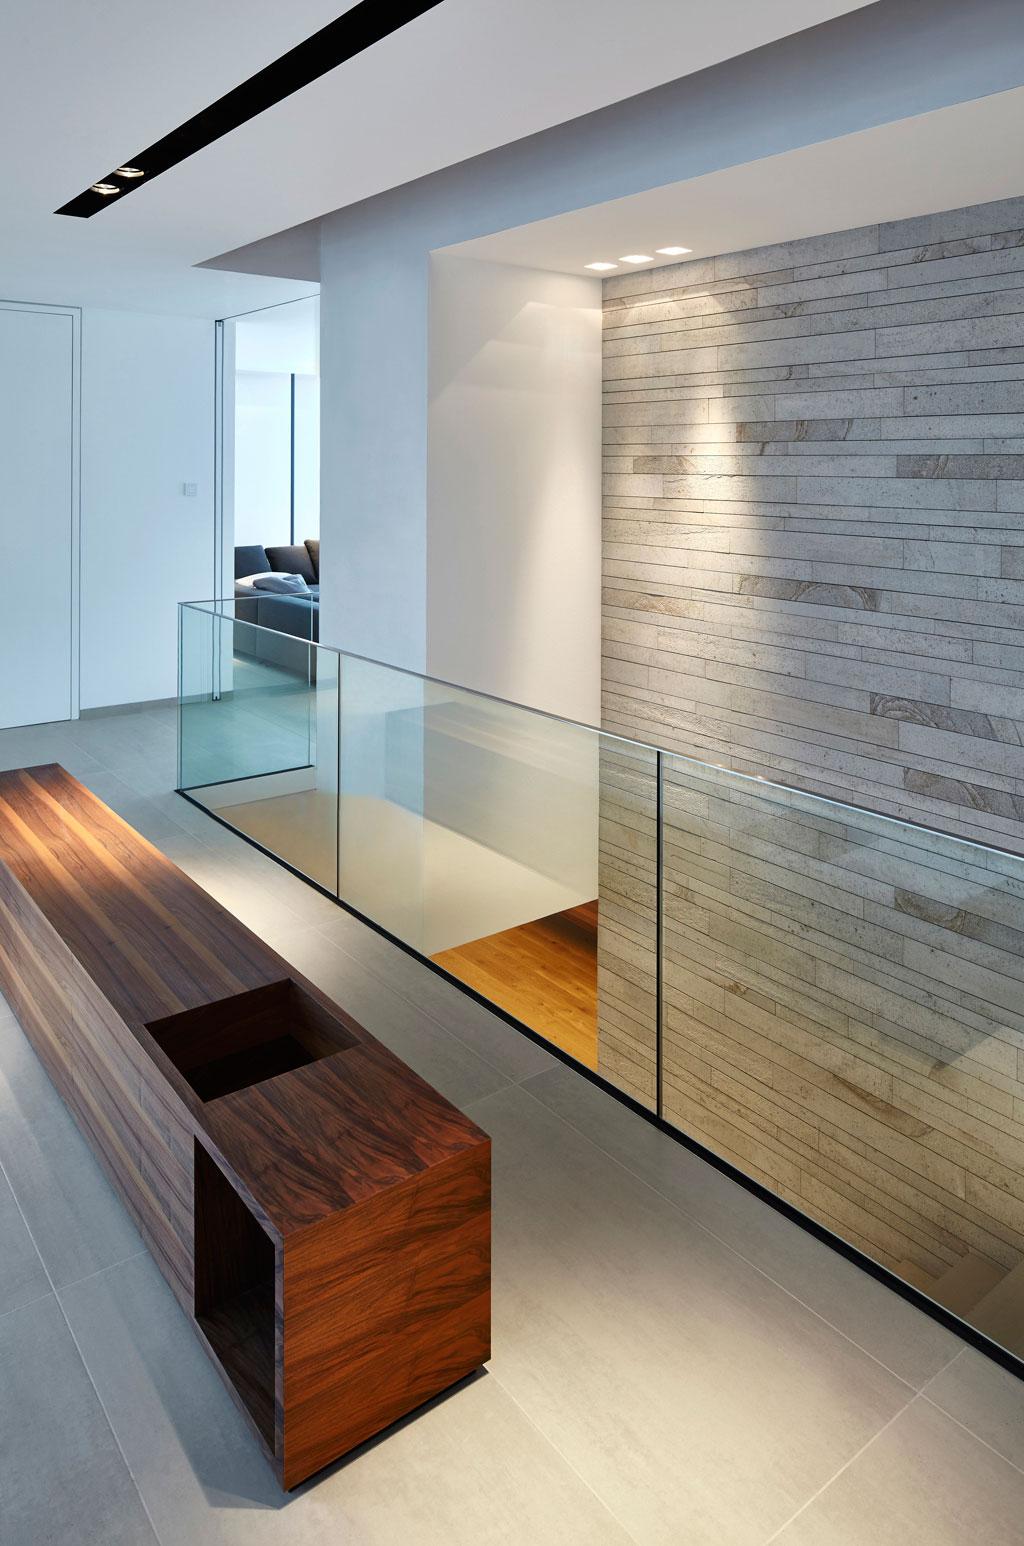 Modernes treppenhaus einfamilienhaus  Haus Eifel | Fachwerk4 | Architekten BDA